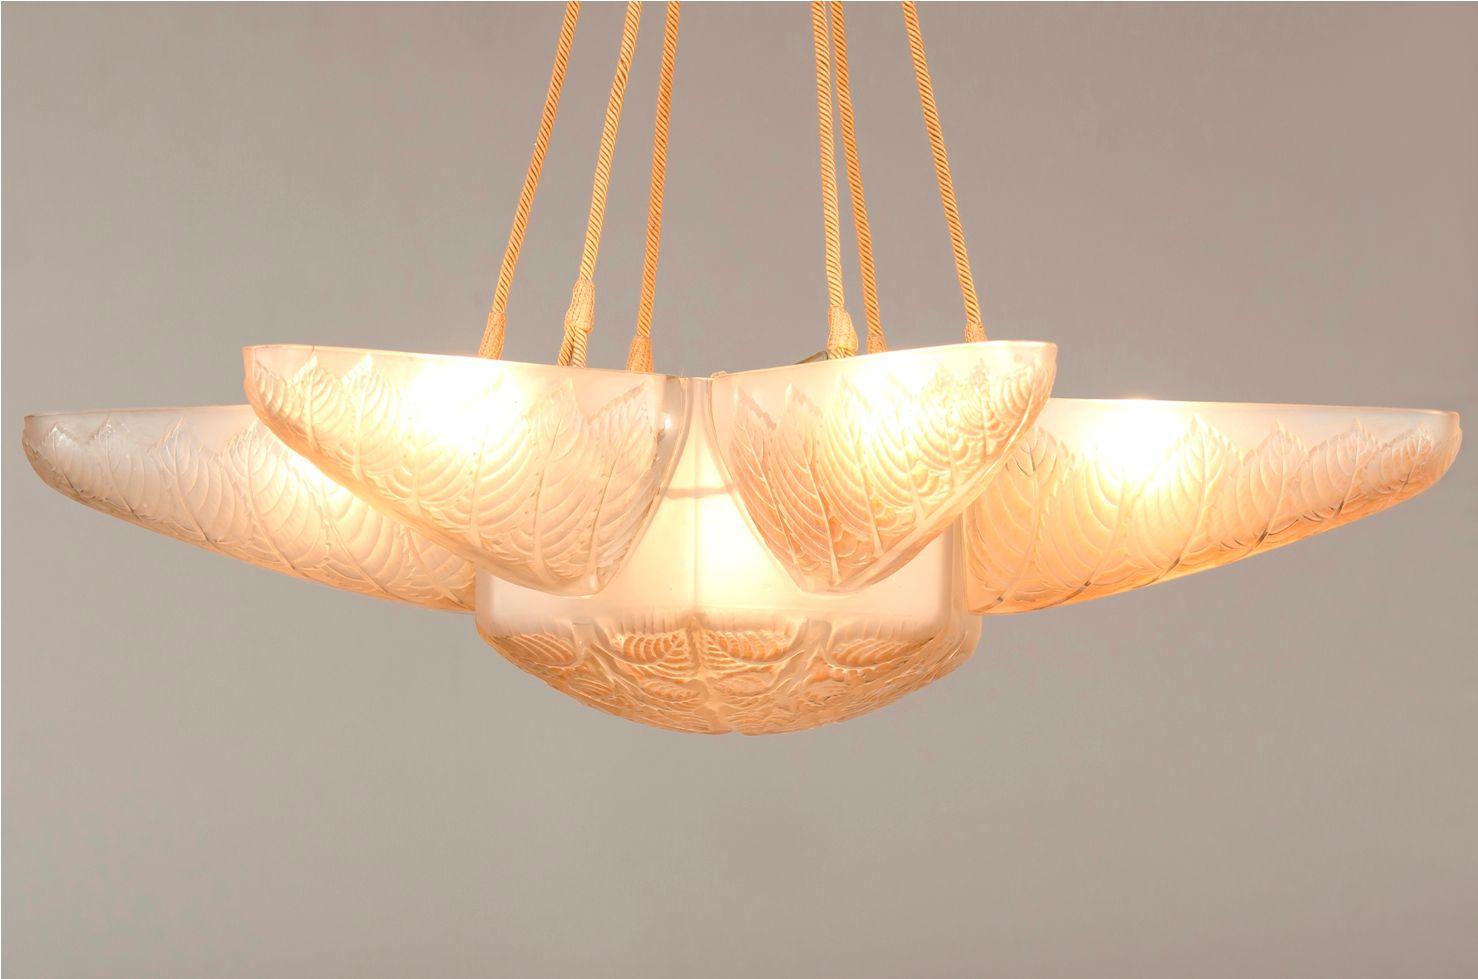 Grand chandelier noisetier par ren lalique en vente sur pamono - Grand chandelier sur pied ...